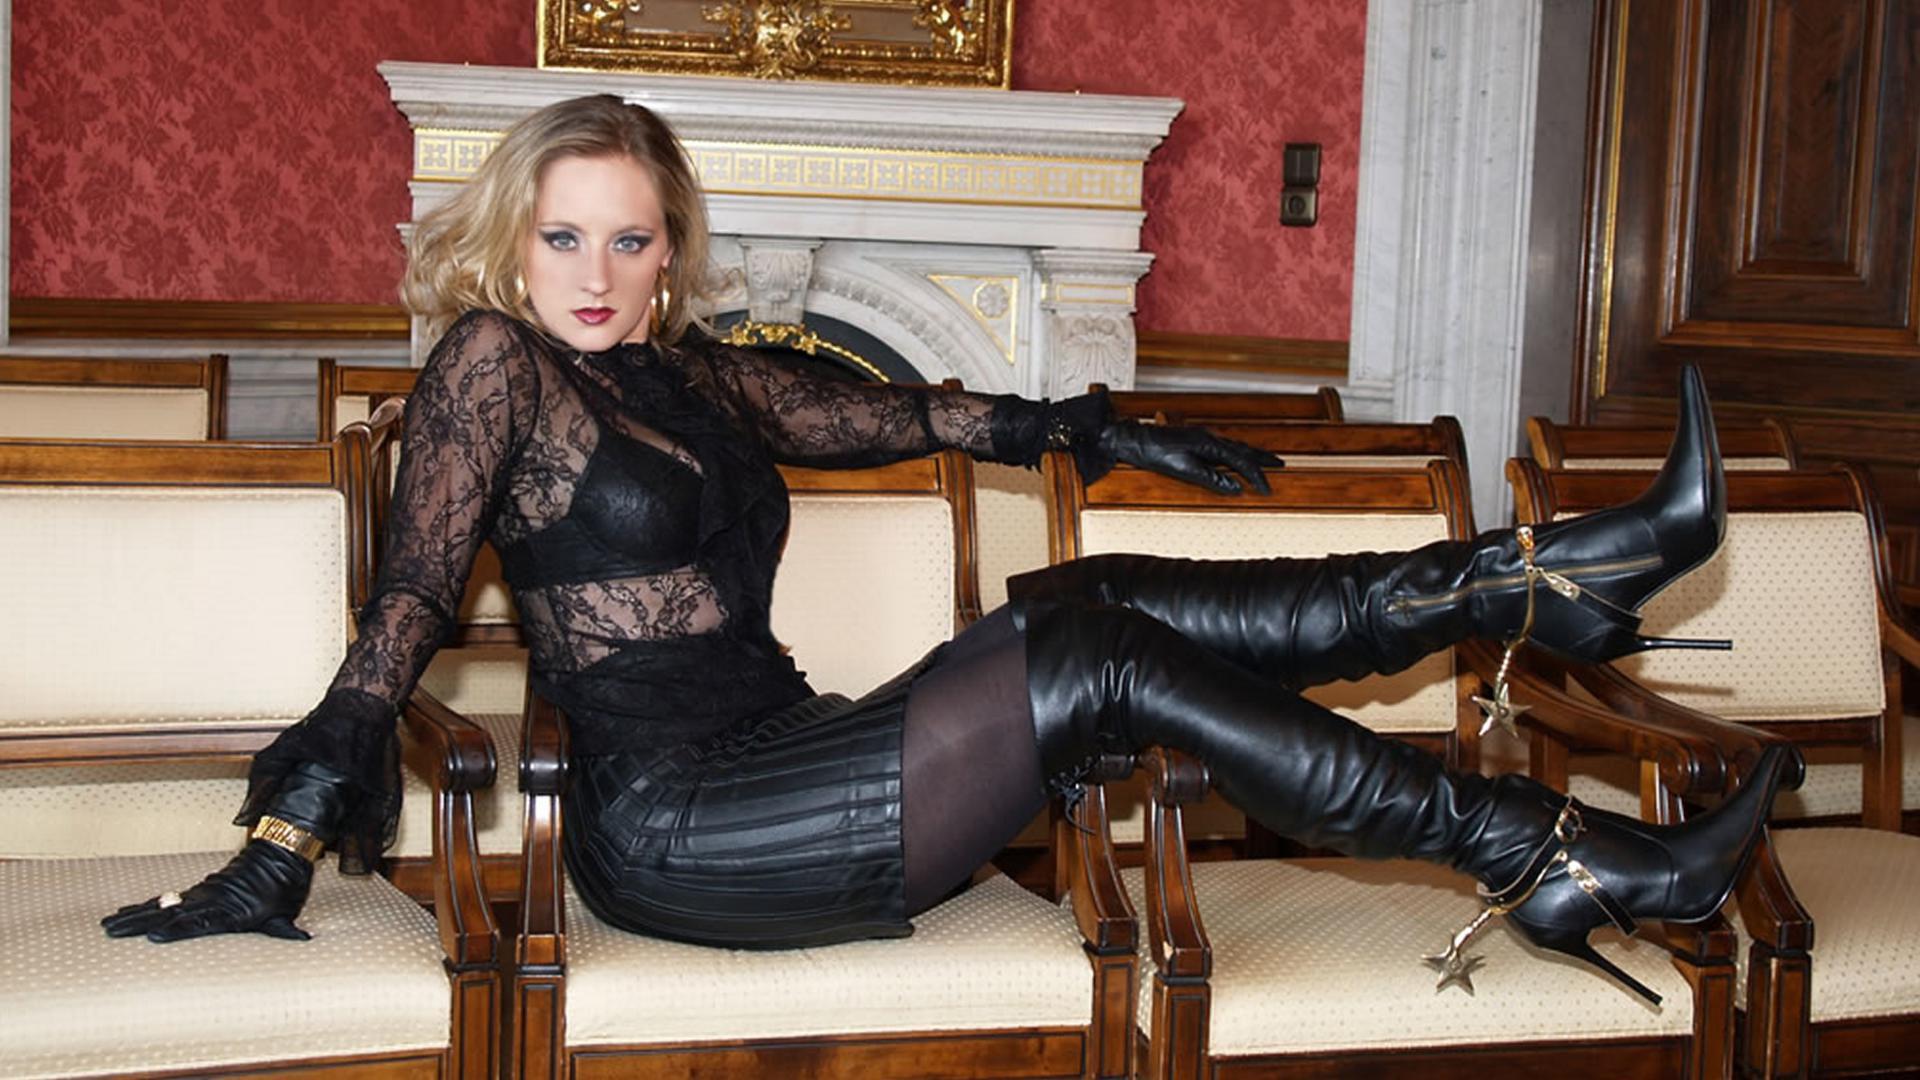 Download photo 1920x1080, lady ann, blonde, german